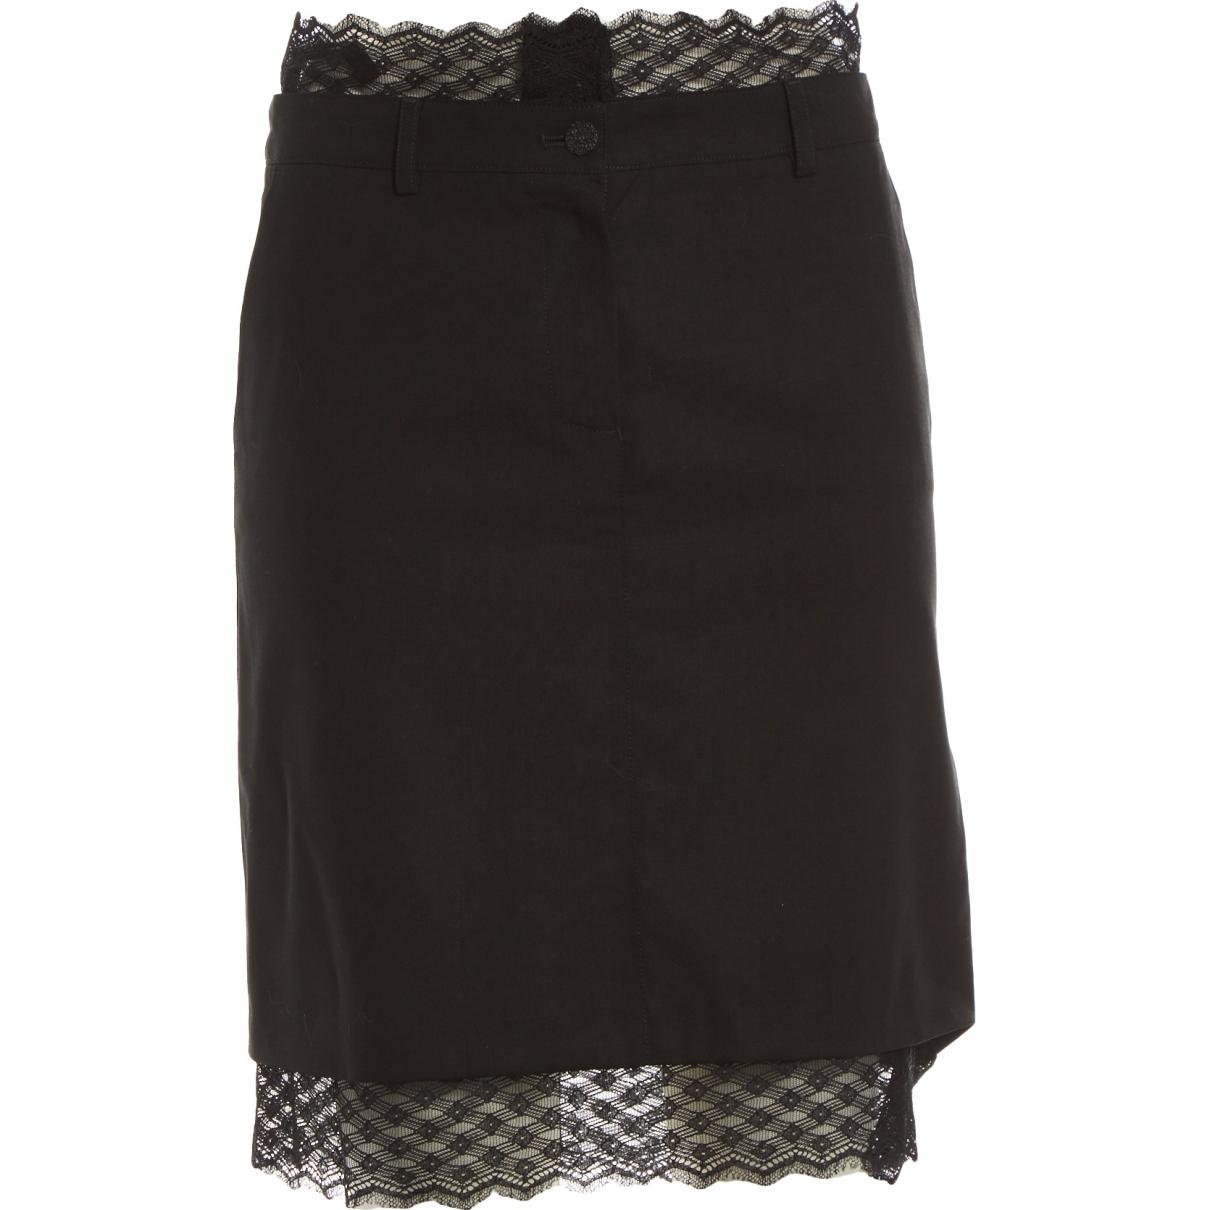 Chanel \N Black Wool skirt for Women 34 FR